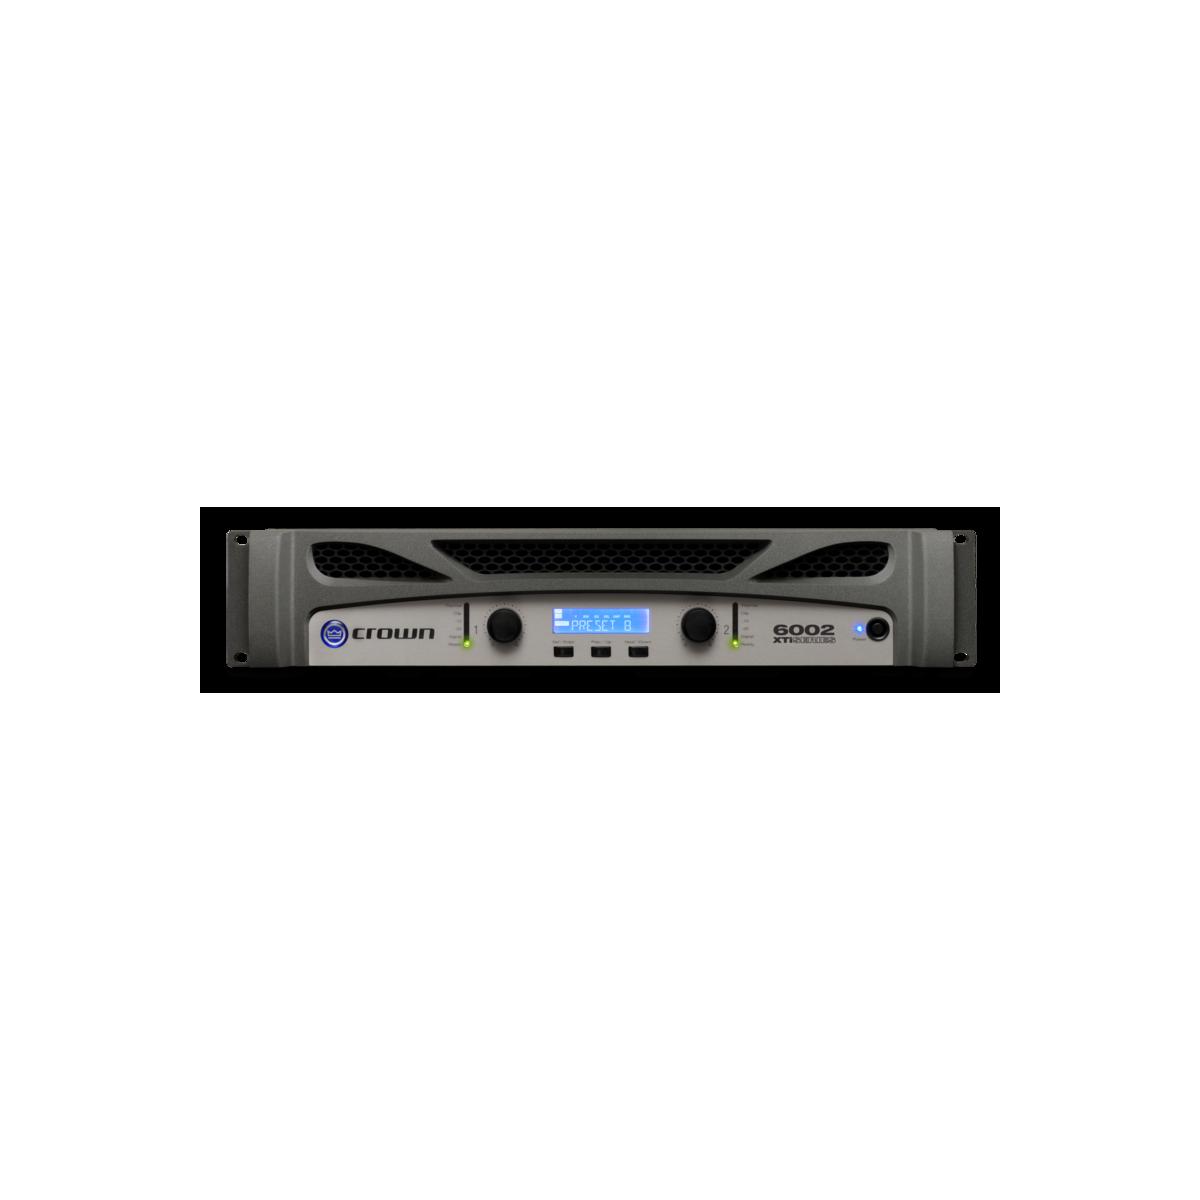 Ampli Sono - Crown - XTI 6002